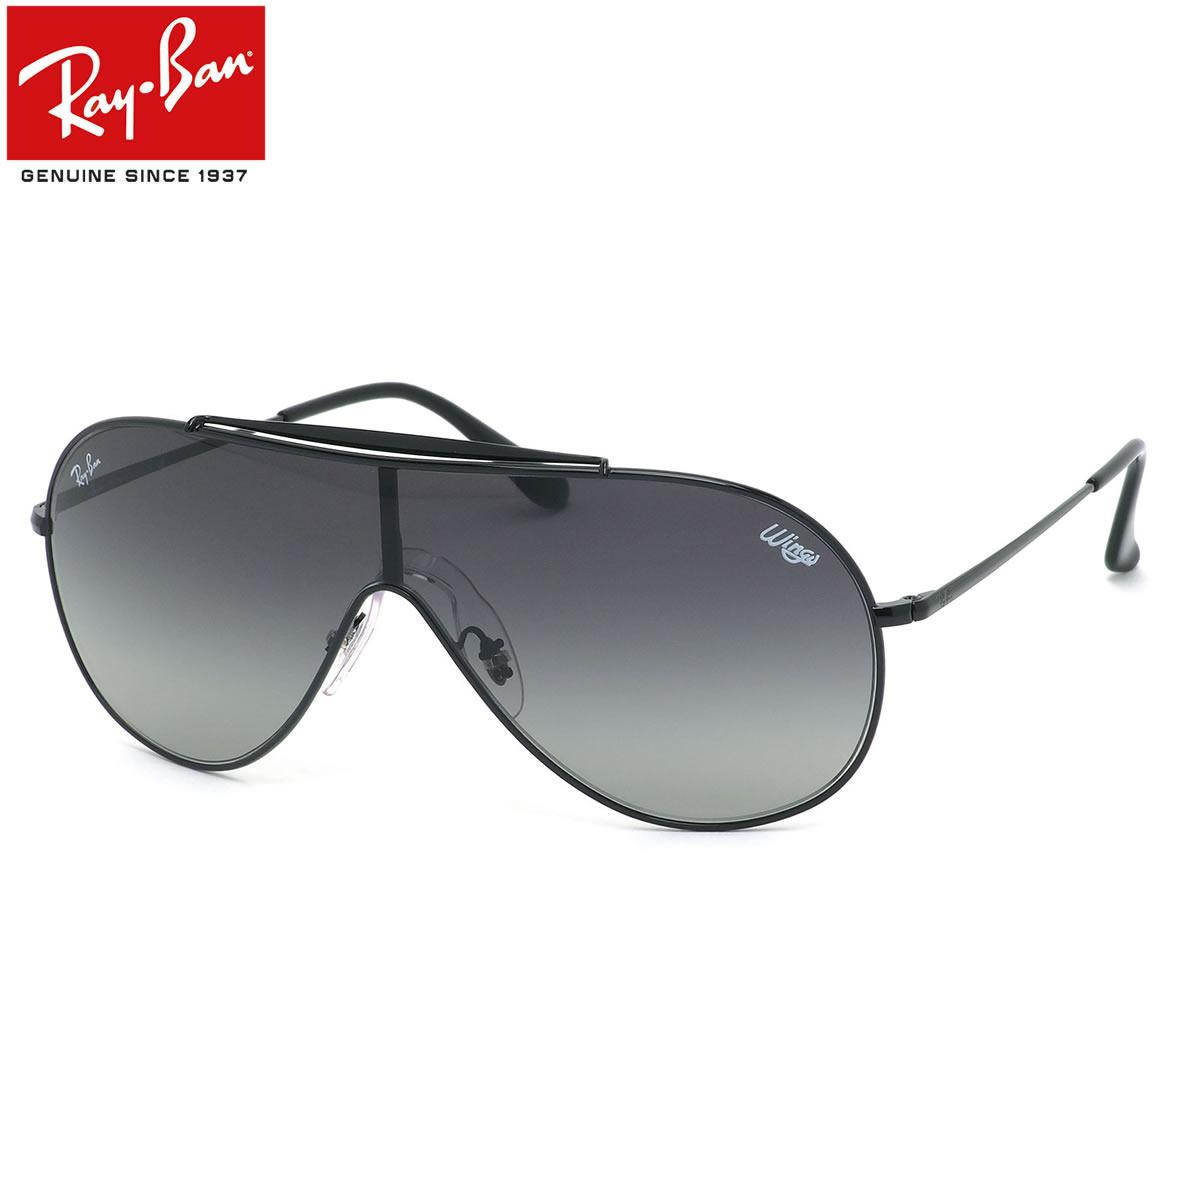 【10月30日からエントリーで全品ポイント20倍】Ray-Ban レイバン サングラスRB3597 002/11 133サイズWINGSウイングスBLAZEブレイズ 1枚レンズ ワンシールド グラデーションメンズ レディース